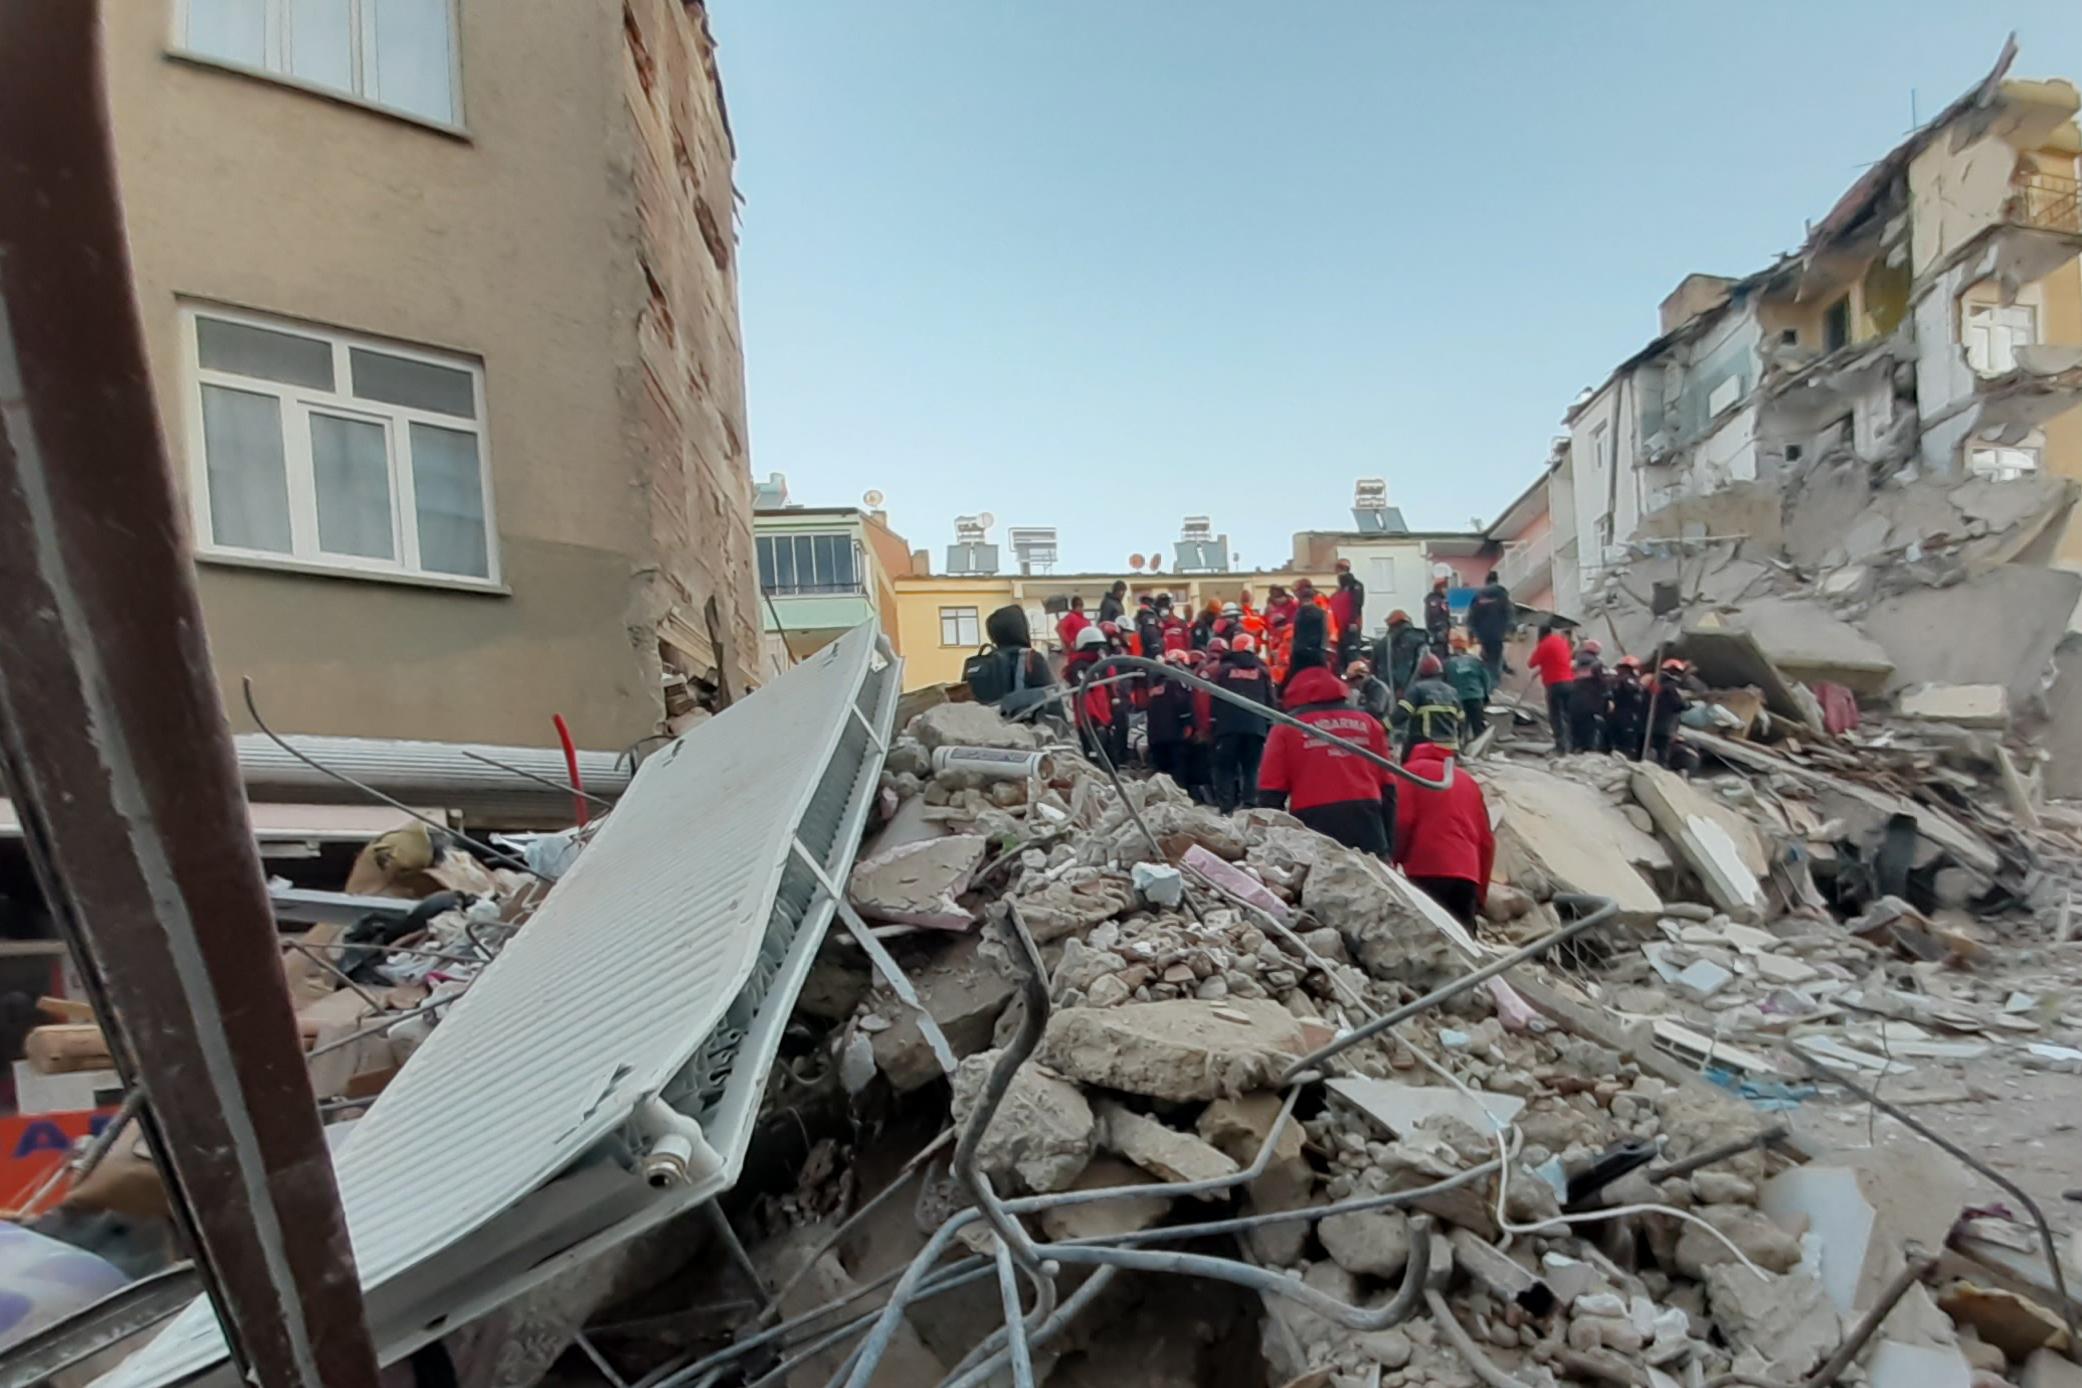 Turkey Earthquake: At Least 21 Killed In 6.8 Magnitude Quake